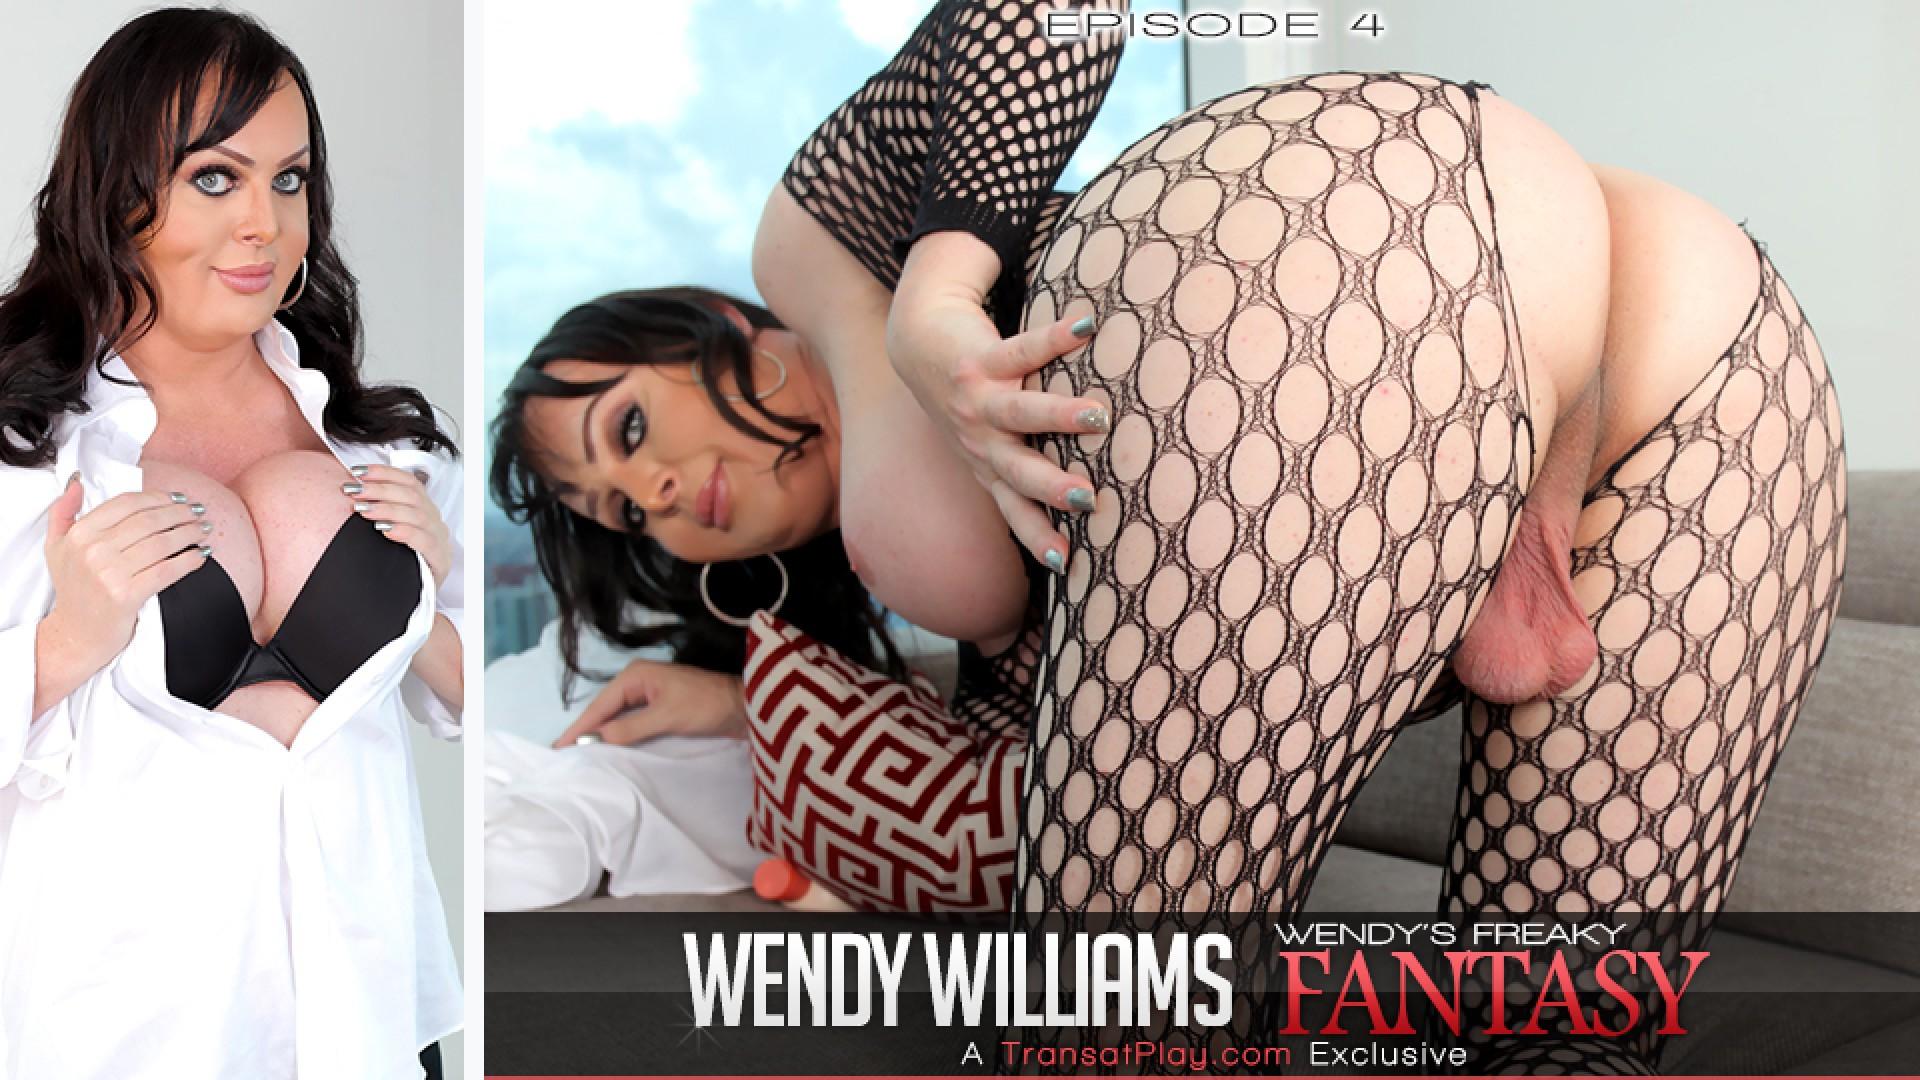 Wendy Williams in Wendys Freaky Fantasay - TransAtPlay